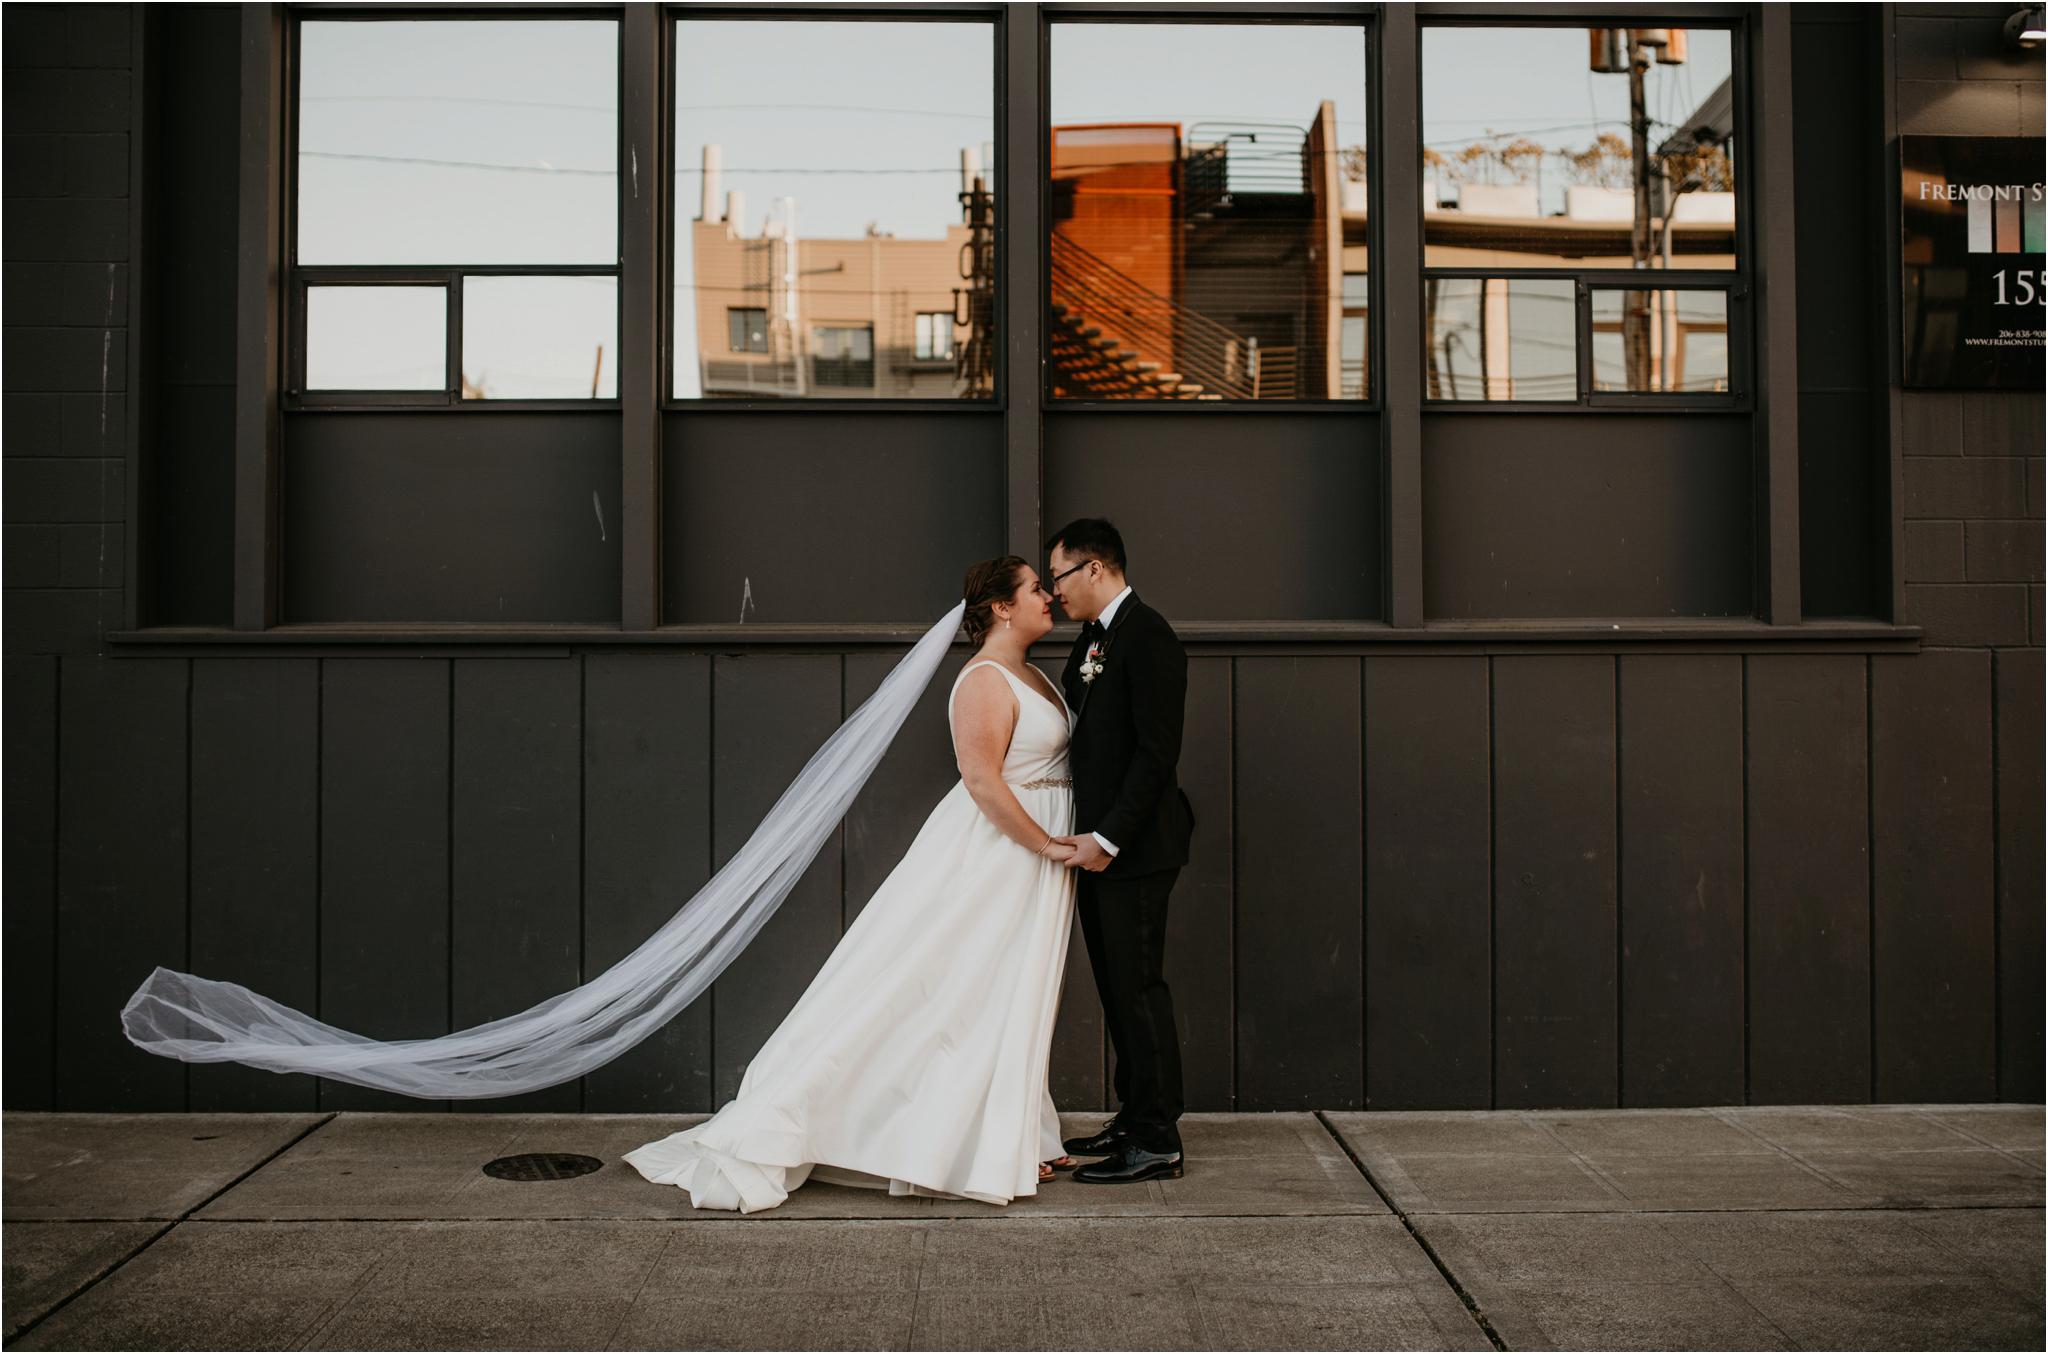 ashley-and-david-fremont-foundry-seattle-washington-wedding-photographer-085.jpg